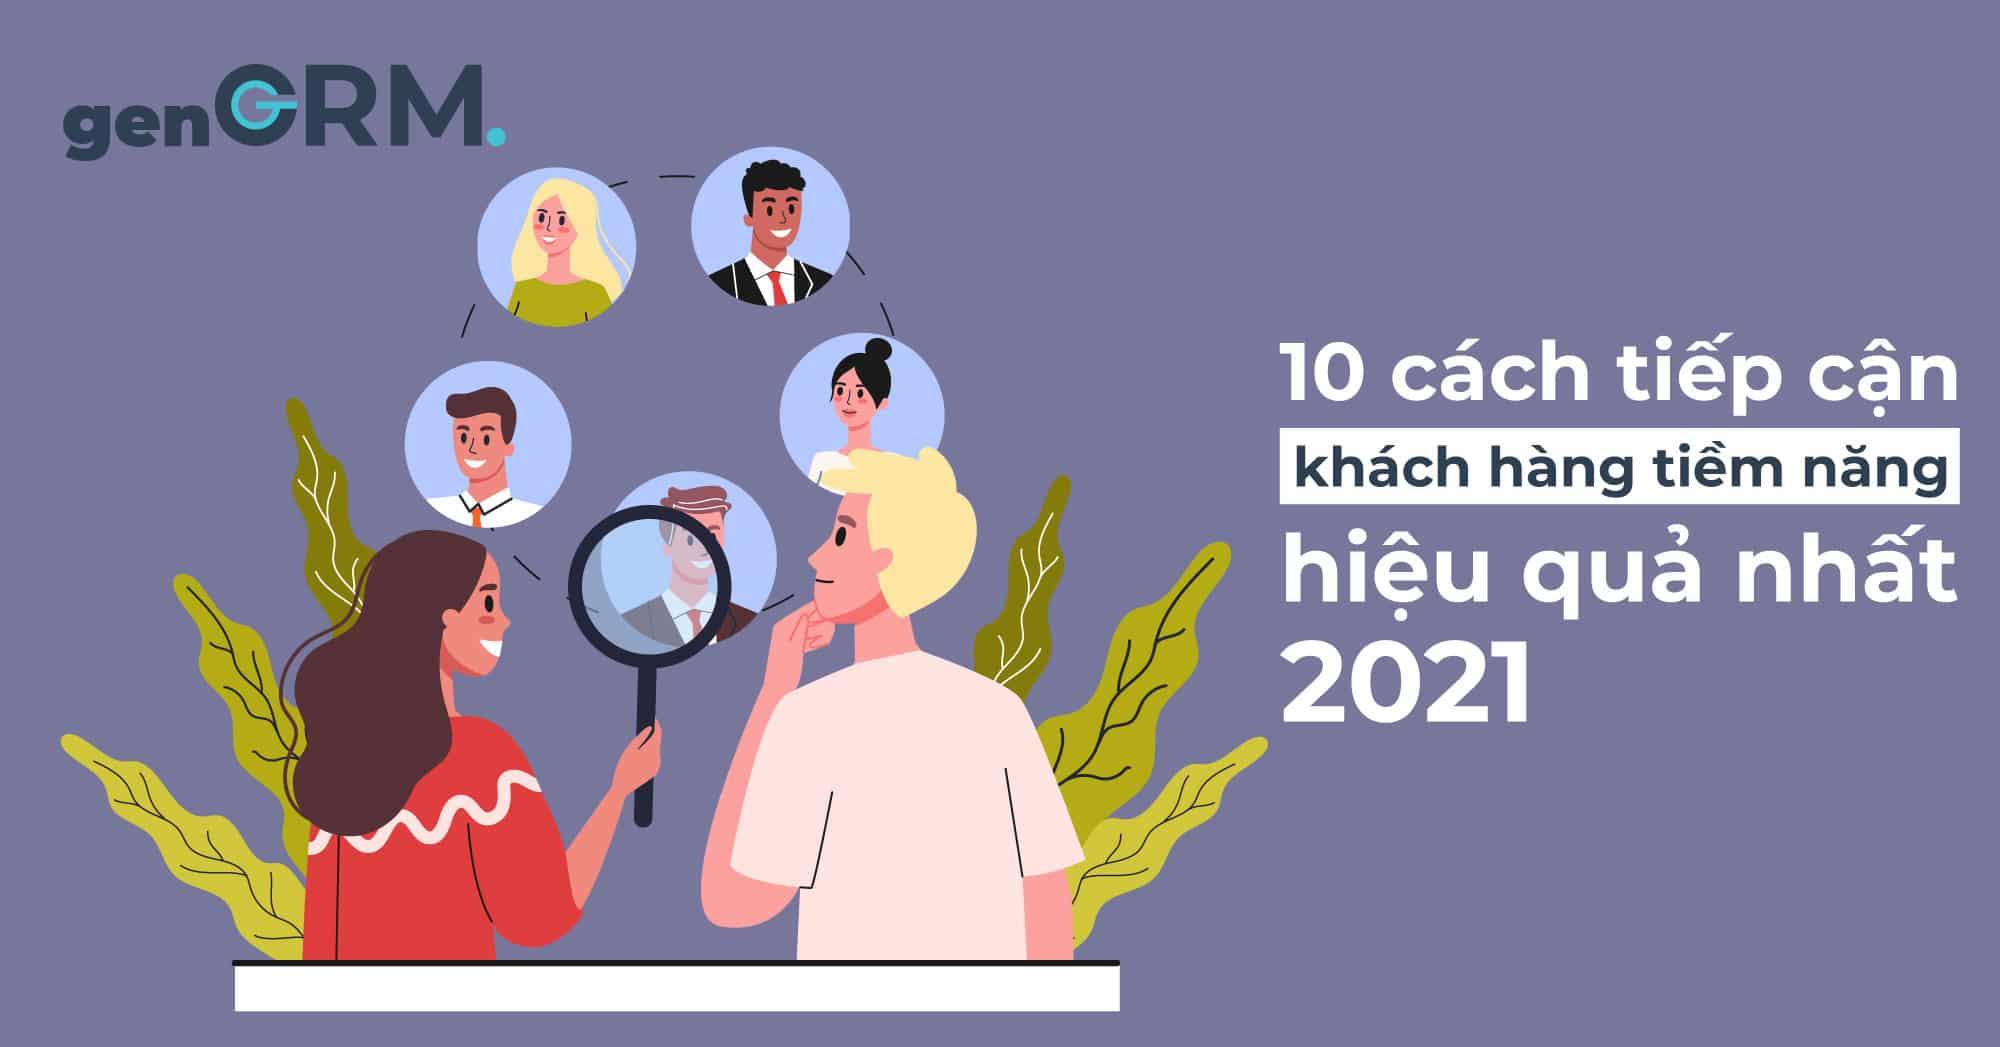 10-cach-tiep-can-khach-hang-tiem-nang-hieu-qua-2021